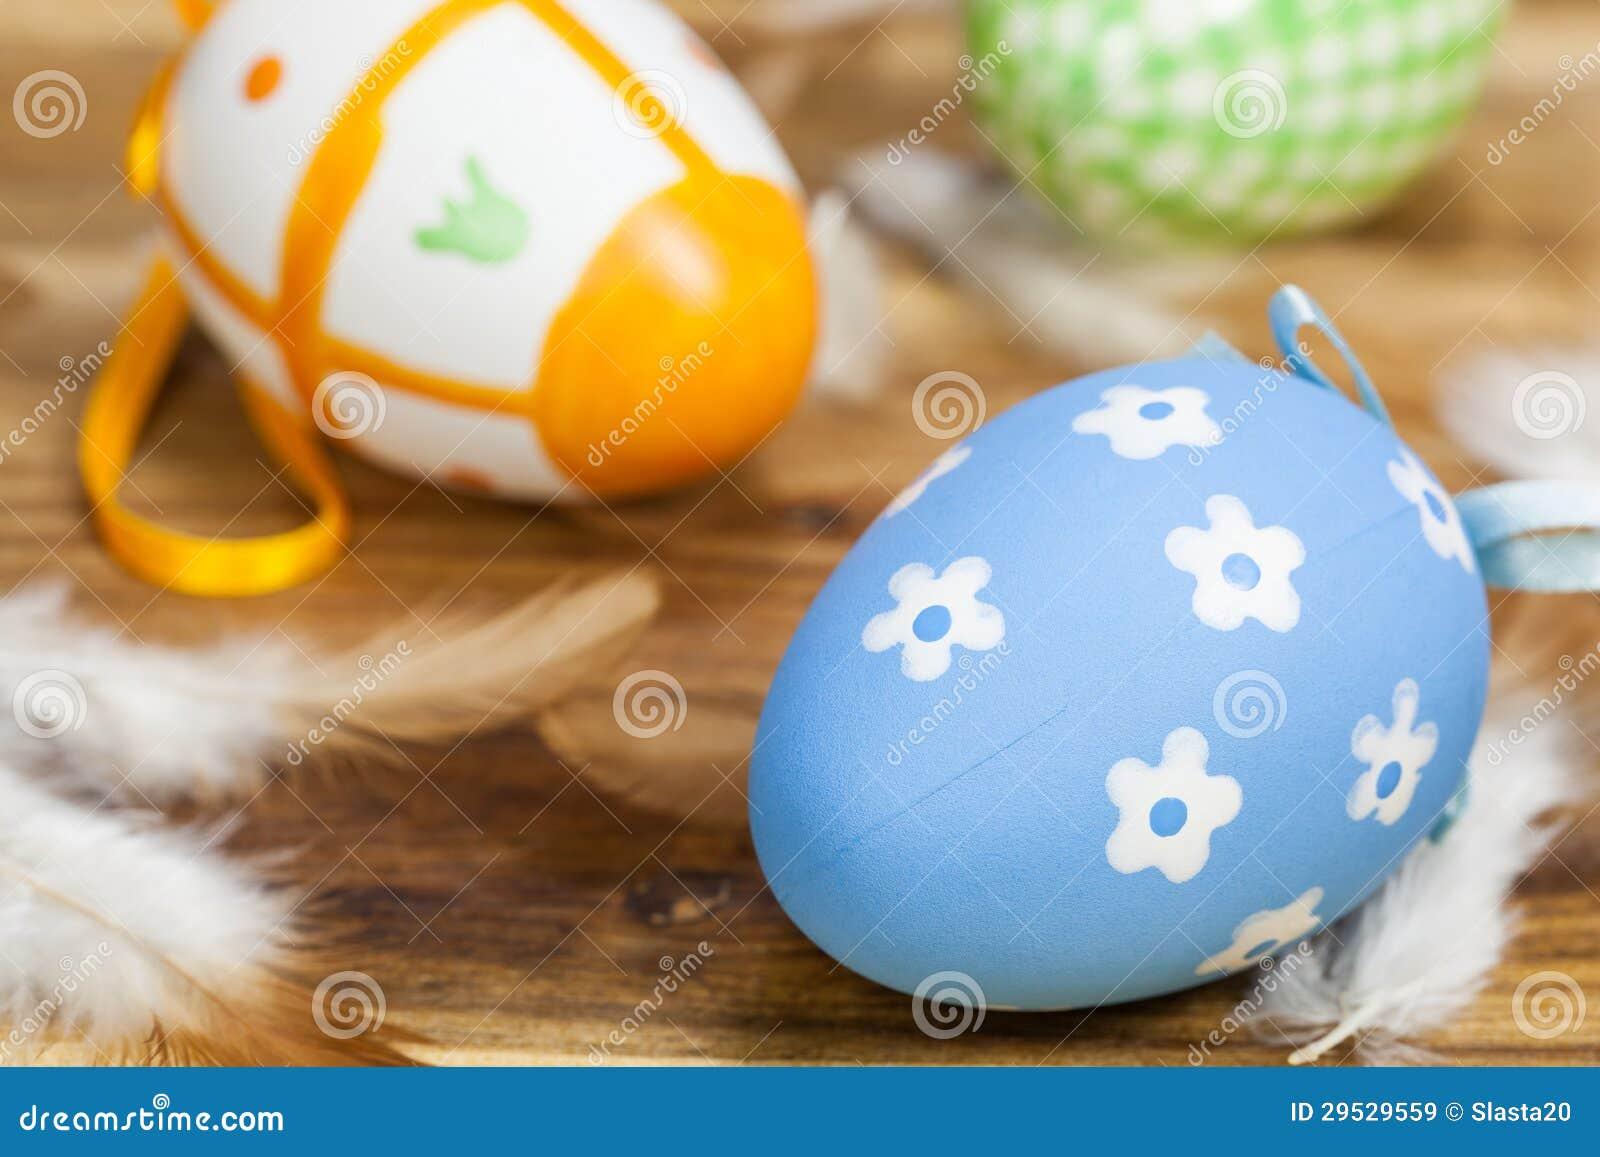 Ovos da páscoa com penas